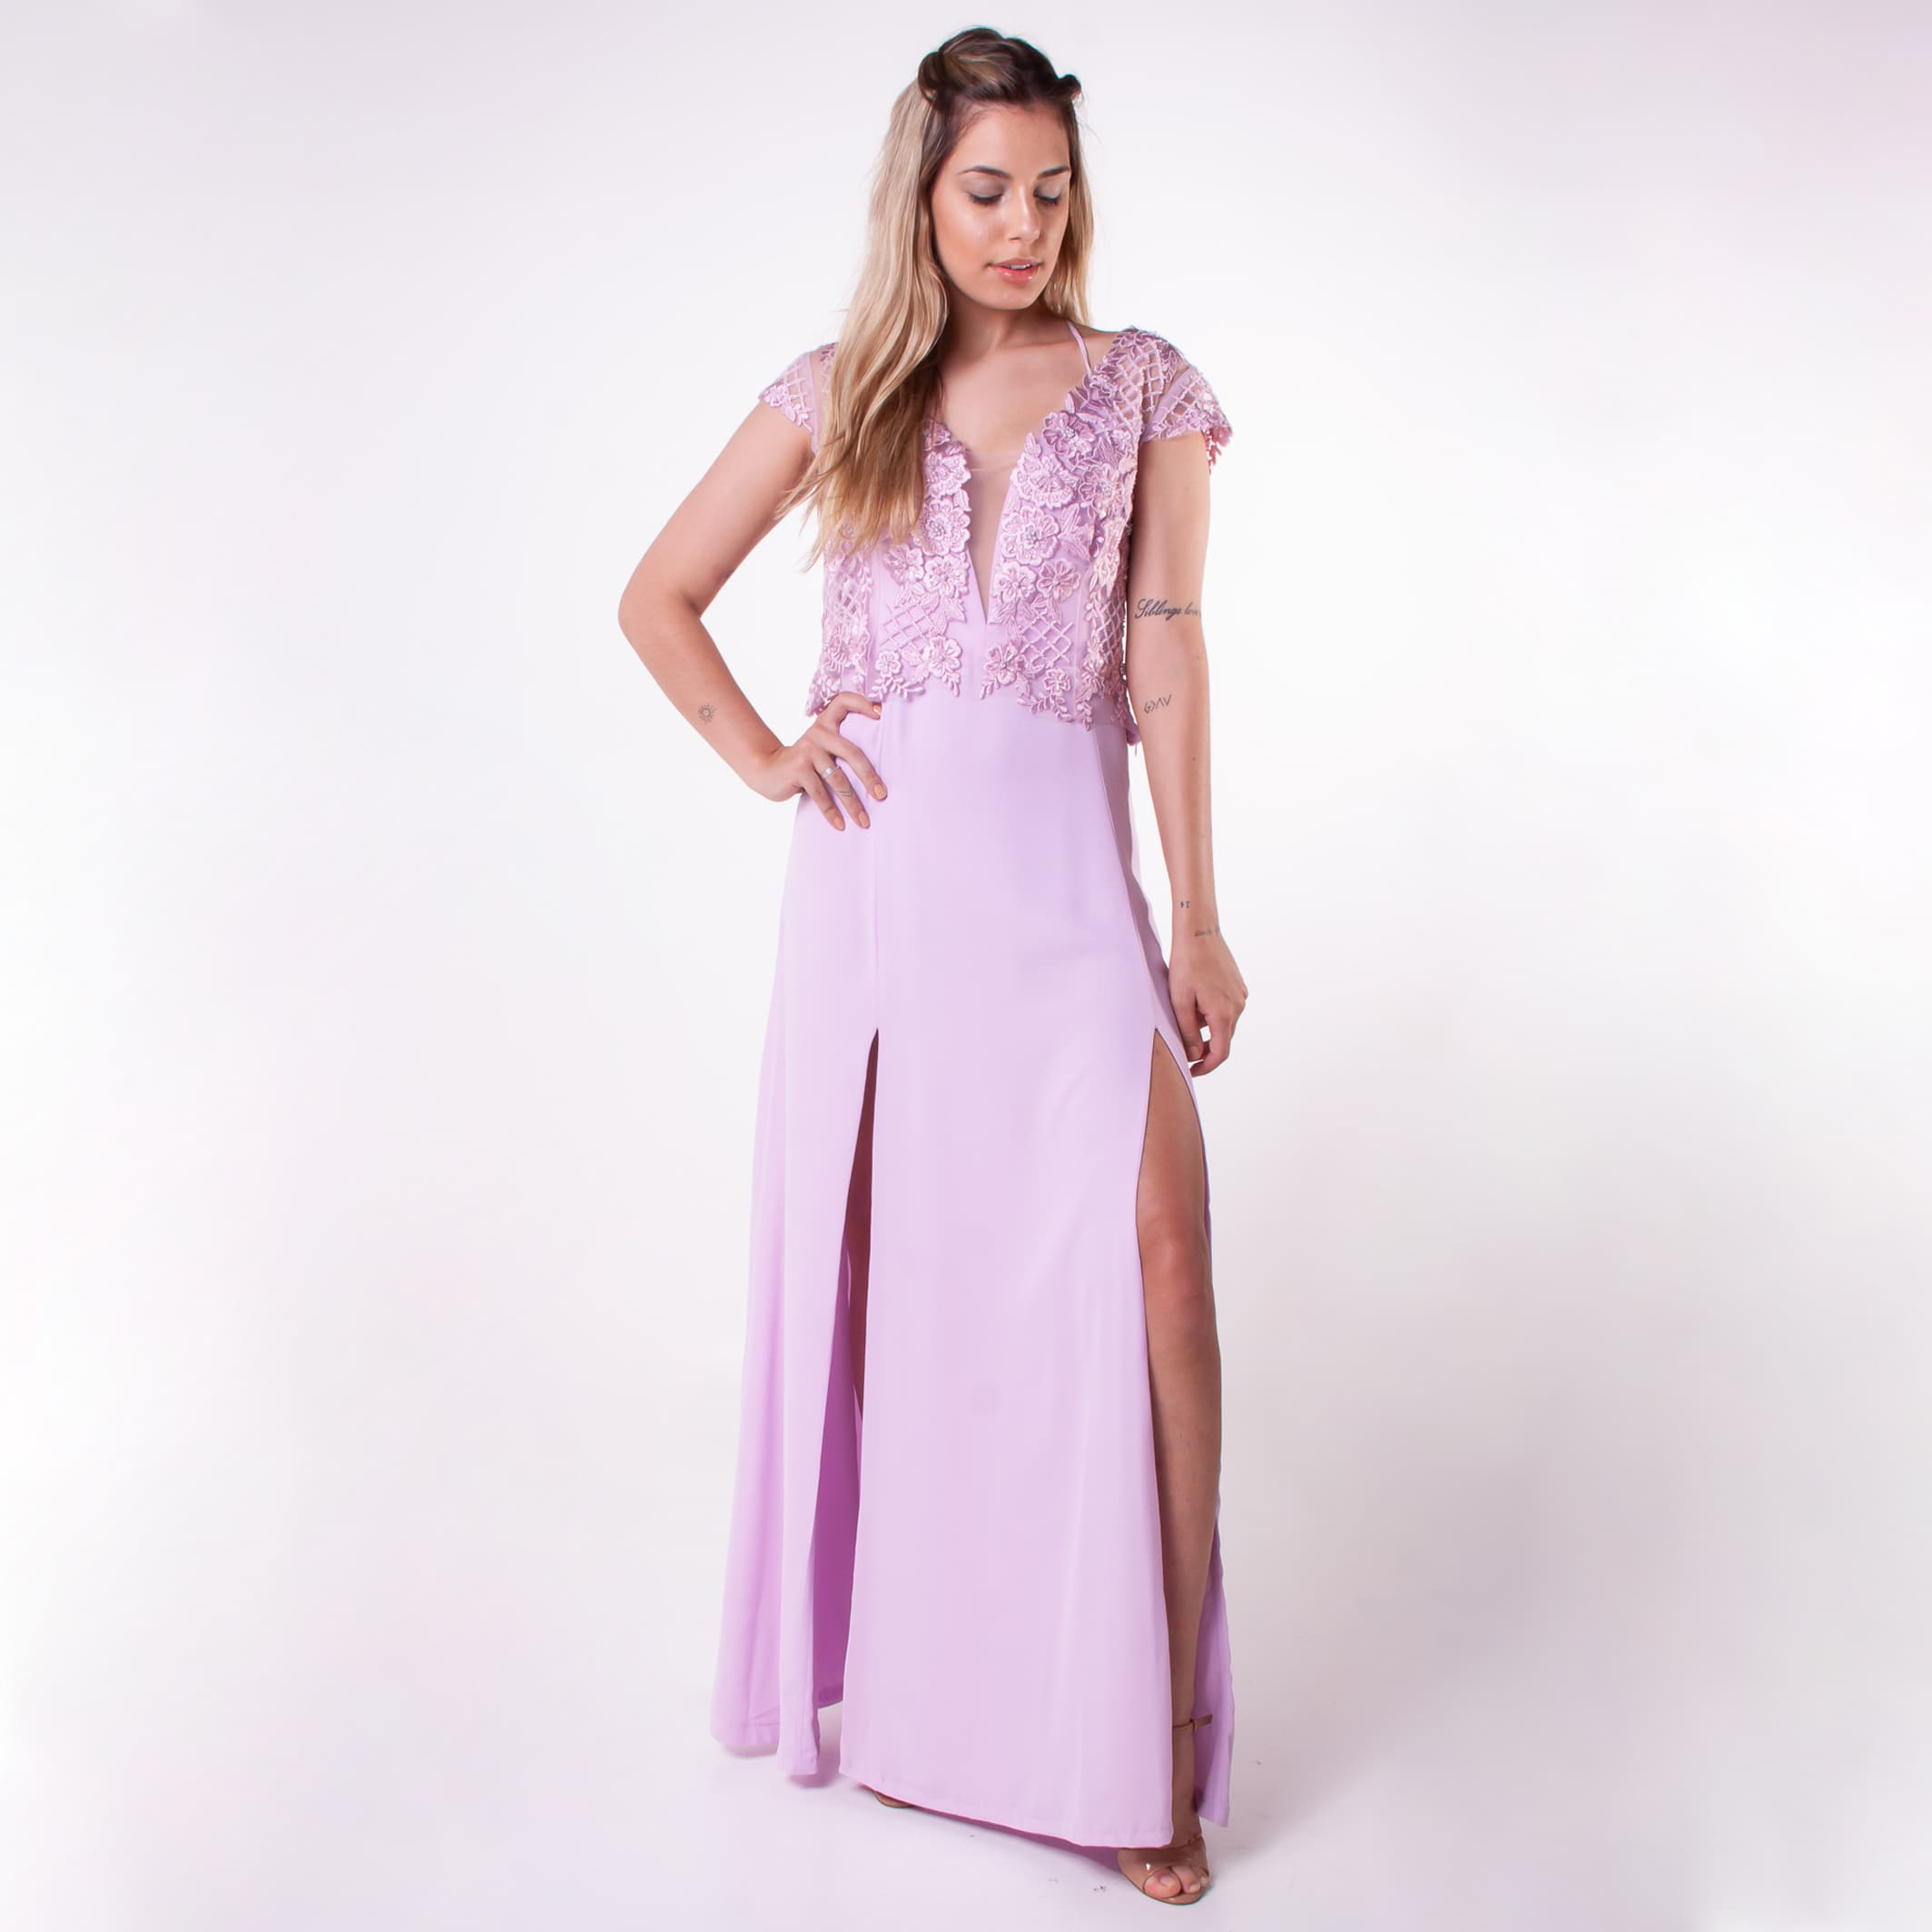 20 - vestido lilás com sobreposição de renda